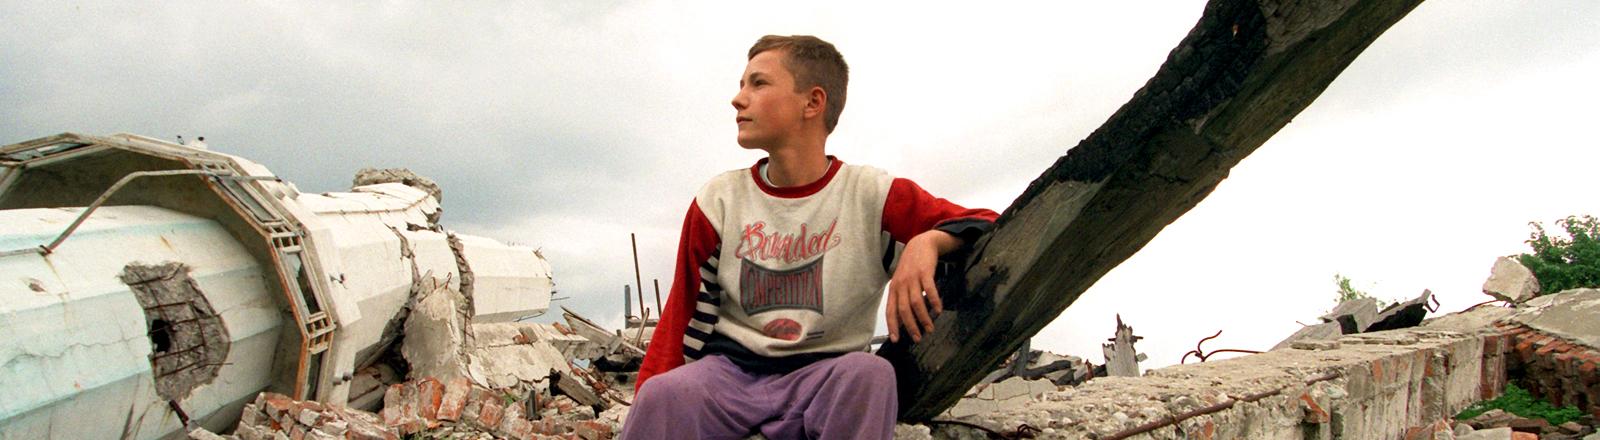 1996: ein muslimischer Junge in den Trümmern der Moschee seines Dorfes in der Nähe der  bosnischen Stadt Tuzla.